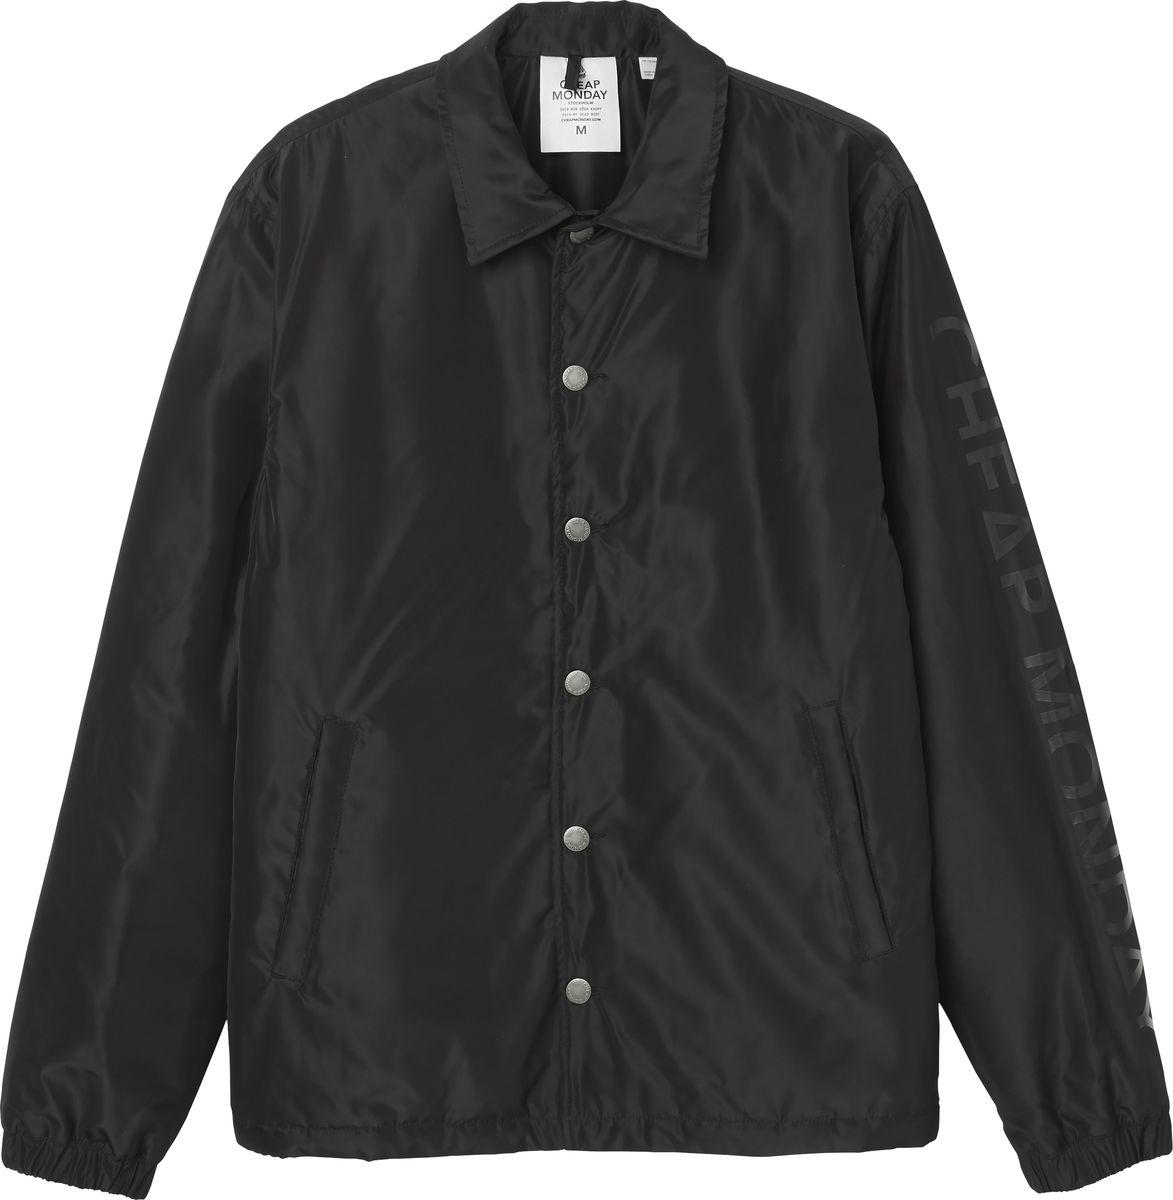 Куртка мужская Cheap Monday, цвет: черный. 0526819. Размер M (48)0526819_BLACKКуртка мужская Cheap Monday выполнена из полиэстера. Модель с отложным воротником и длинными рукавами застегивается на пуговицы и дополнена втачными карманами.